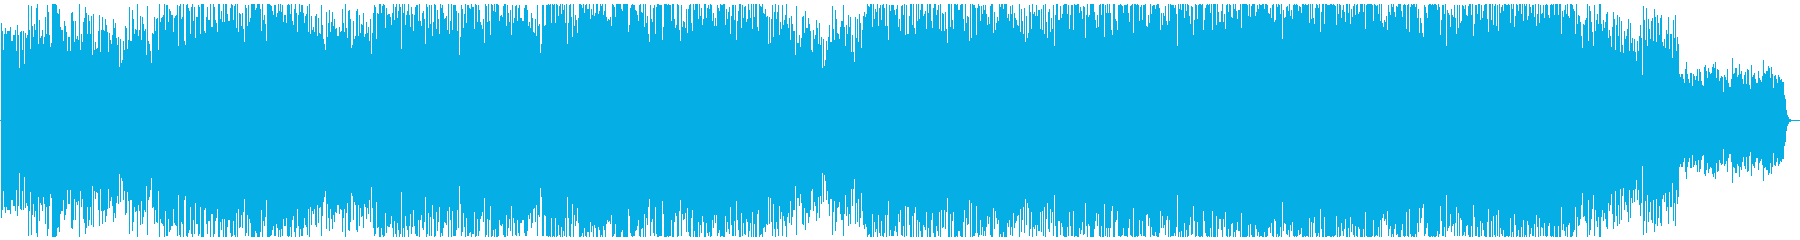 【アニメ】大空を翔ける弦とギターのPOPの再生済みの波形